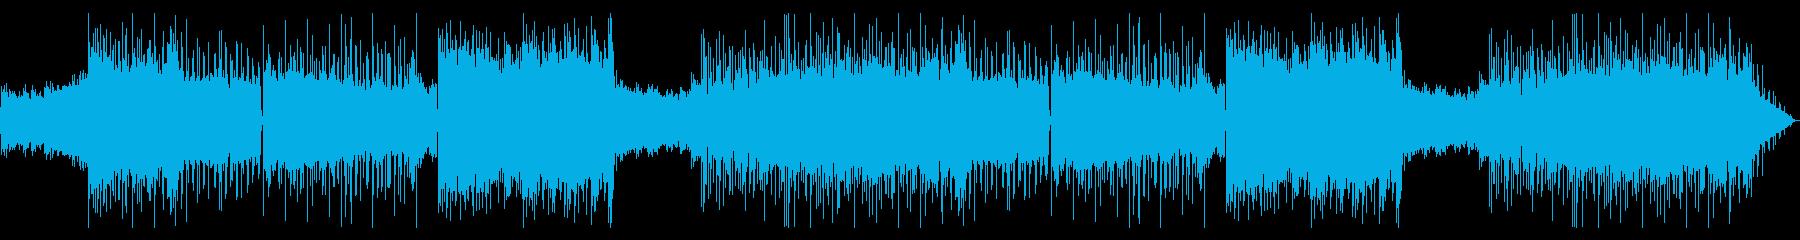 いかつい重めロックなエレキギターサウンドの再生済みの波形